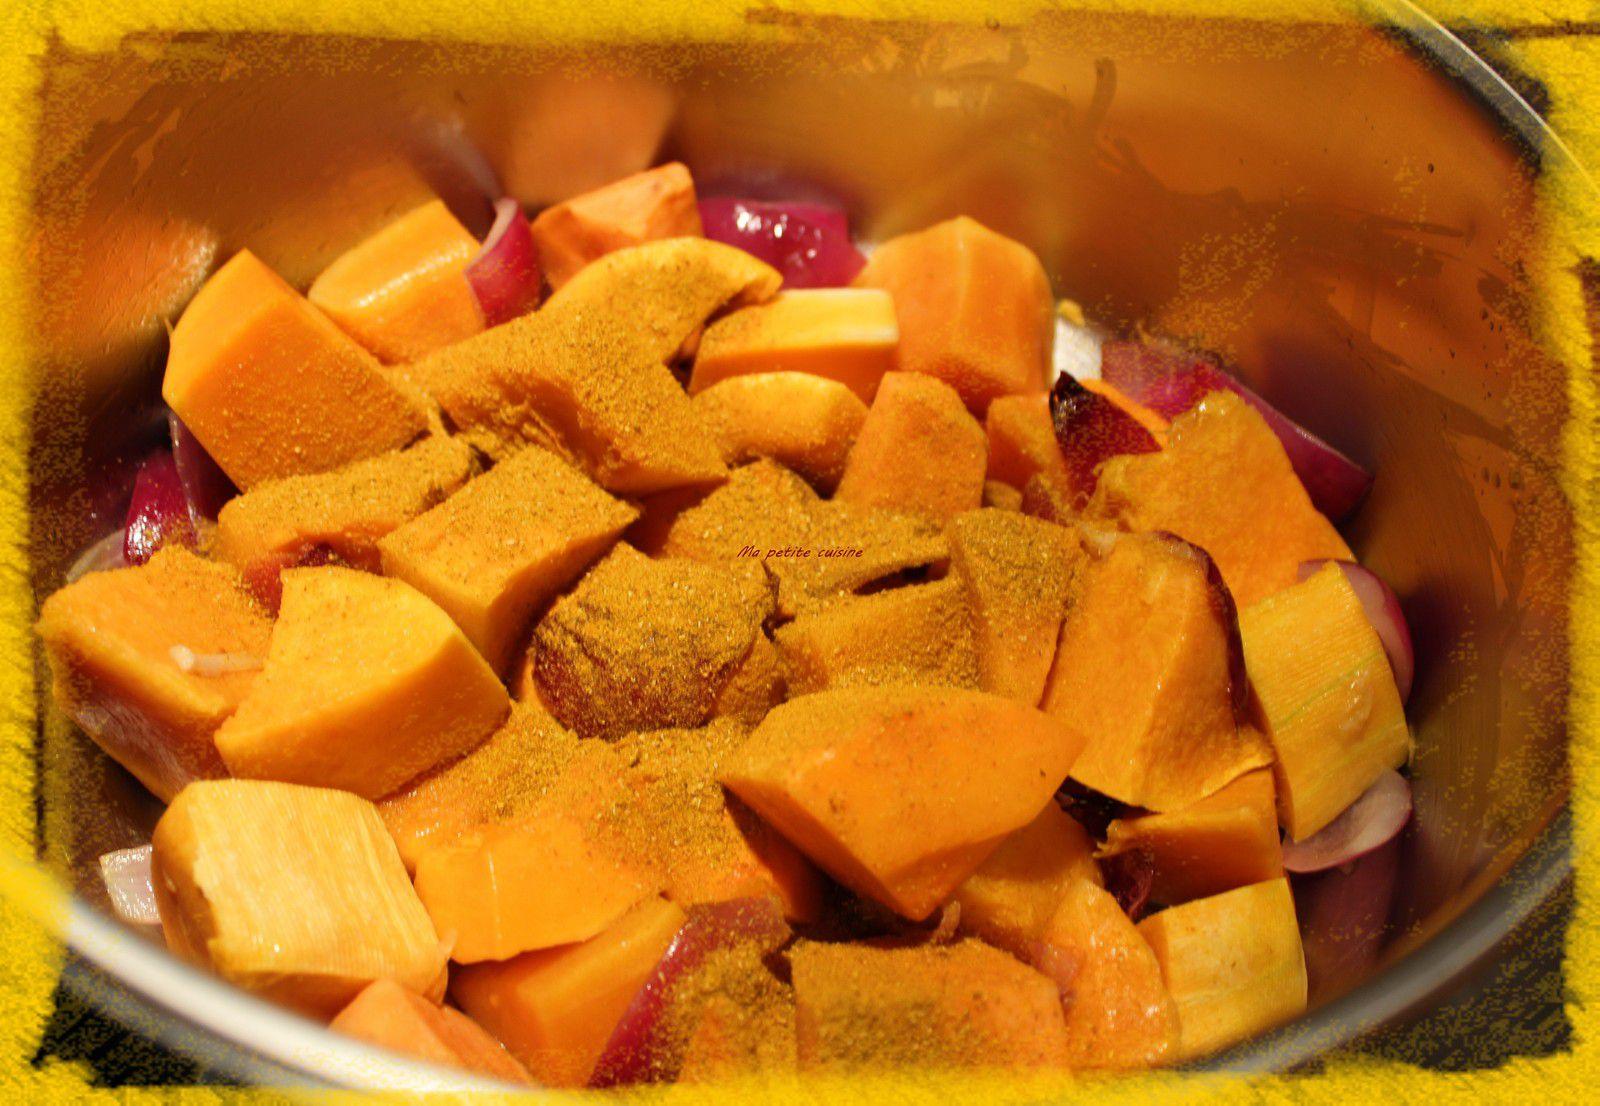 Velouté de courge et patate douce au curry et graines caramélisées